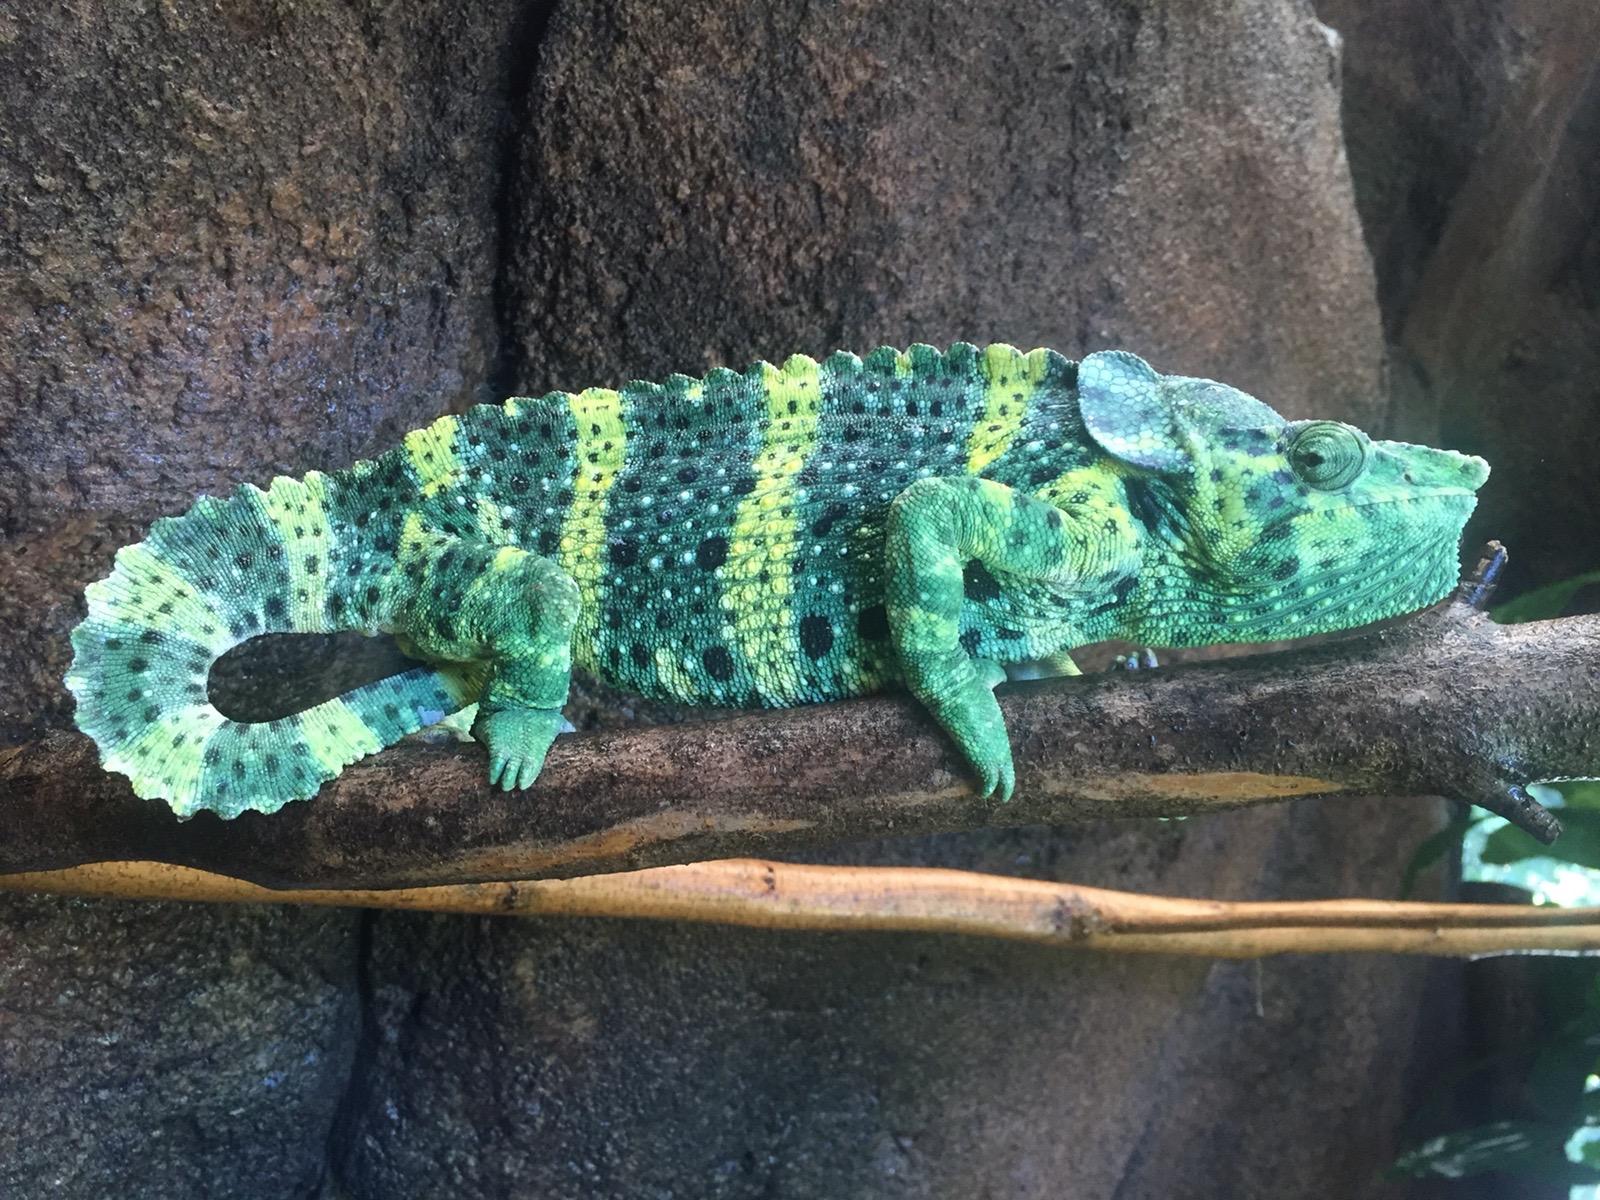 Meller's chameleon